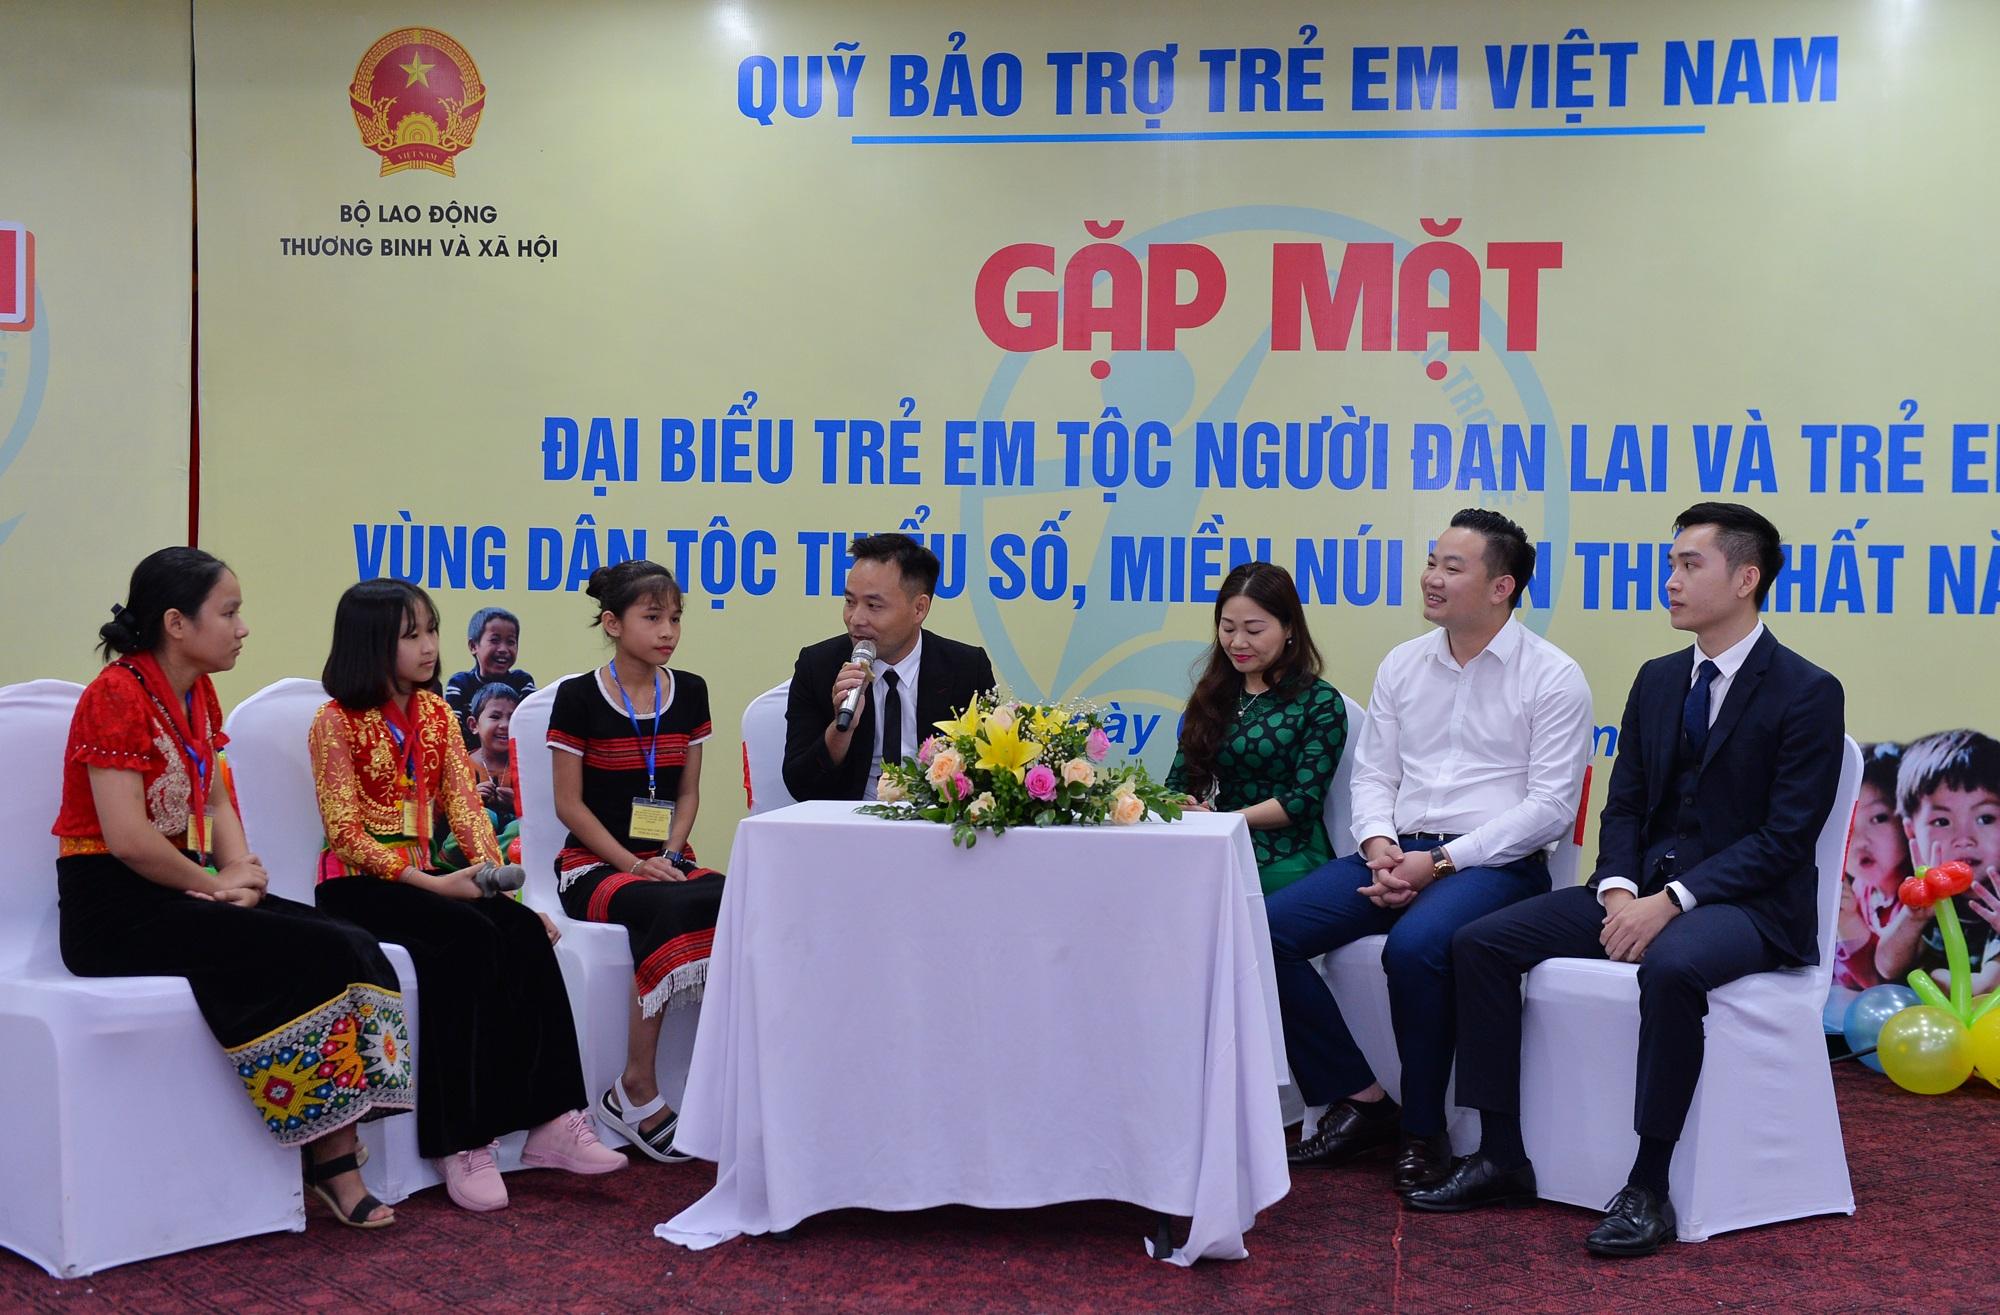 Gặp mặt trẻ em Đan Lai và trẻ em dân tộc thiểu số vượt khó học giỏi - 6